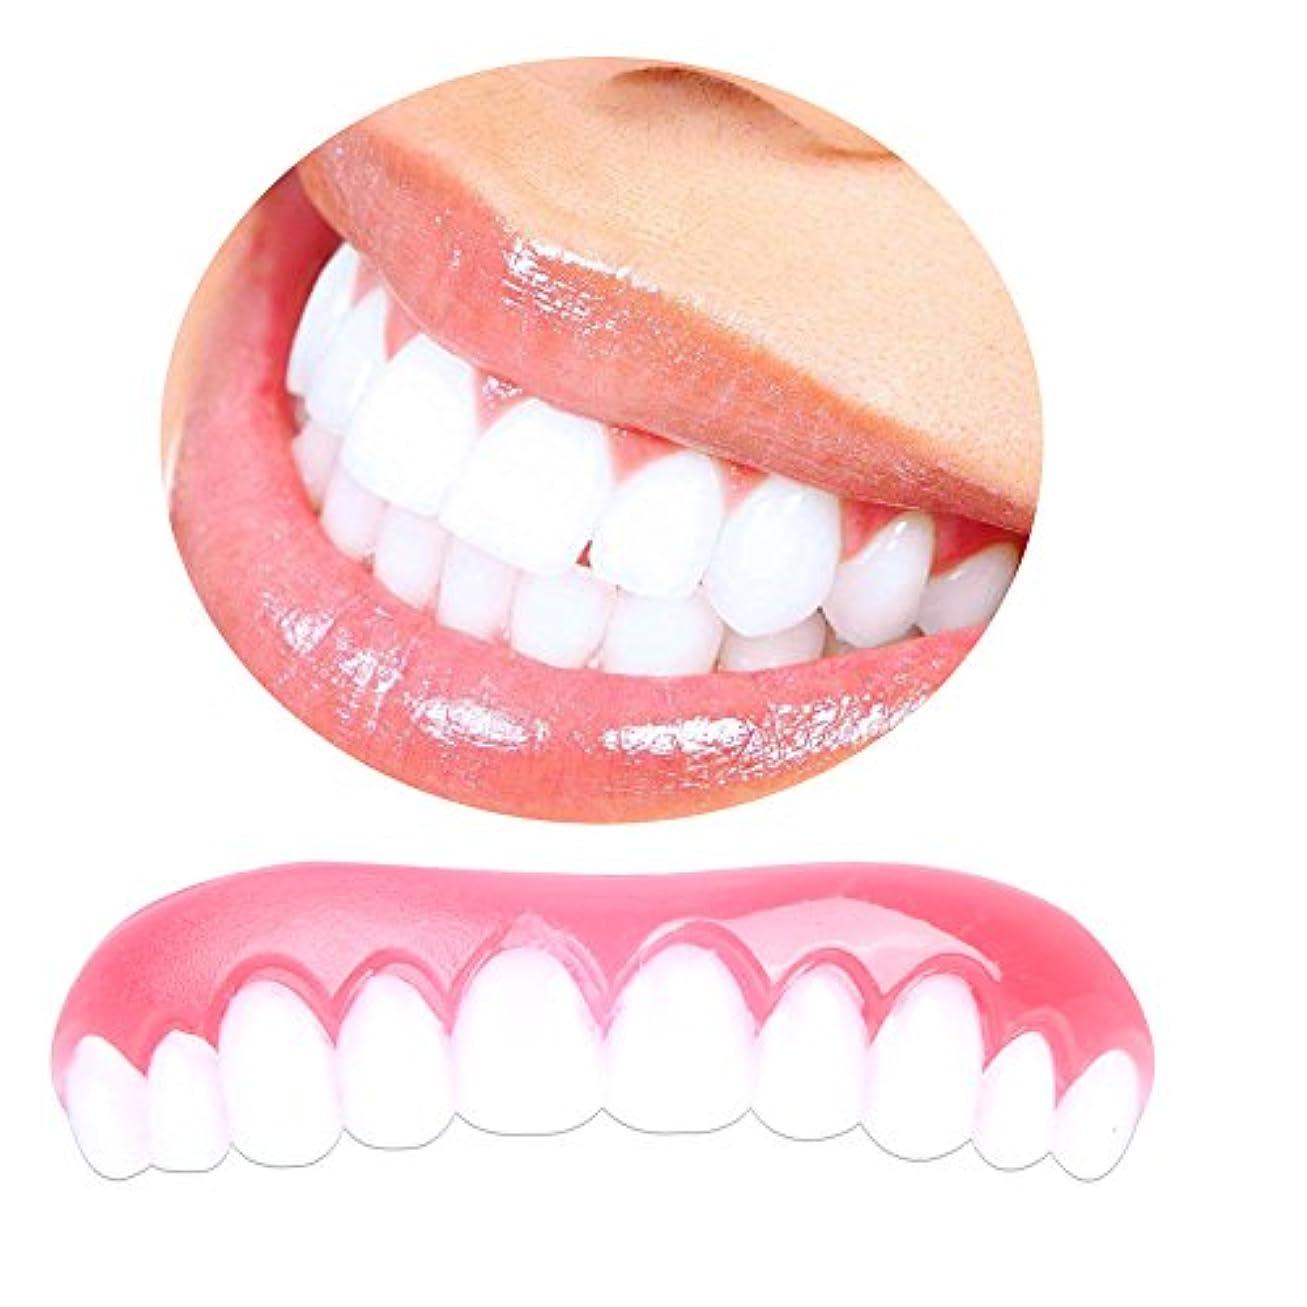 2ピースコンフォートフィットフレックス化粧品の歯完璧な笑顔のベニヤダブの歯の修正のための歯の修正のための完璧な笑顔のベニヤの歯のホワイトニング